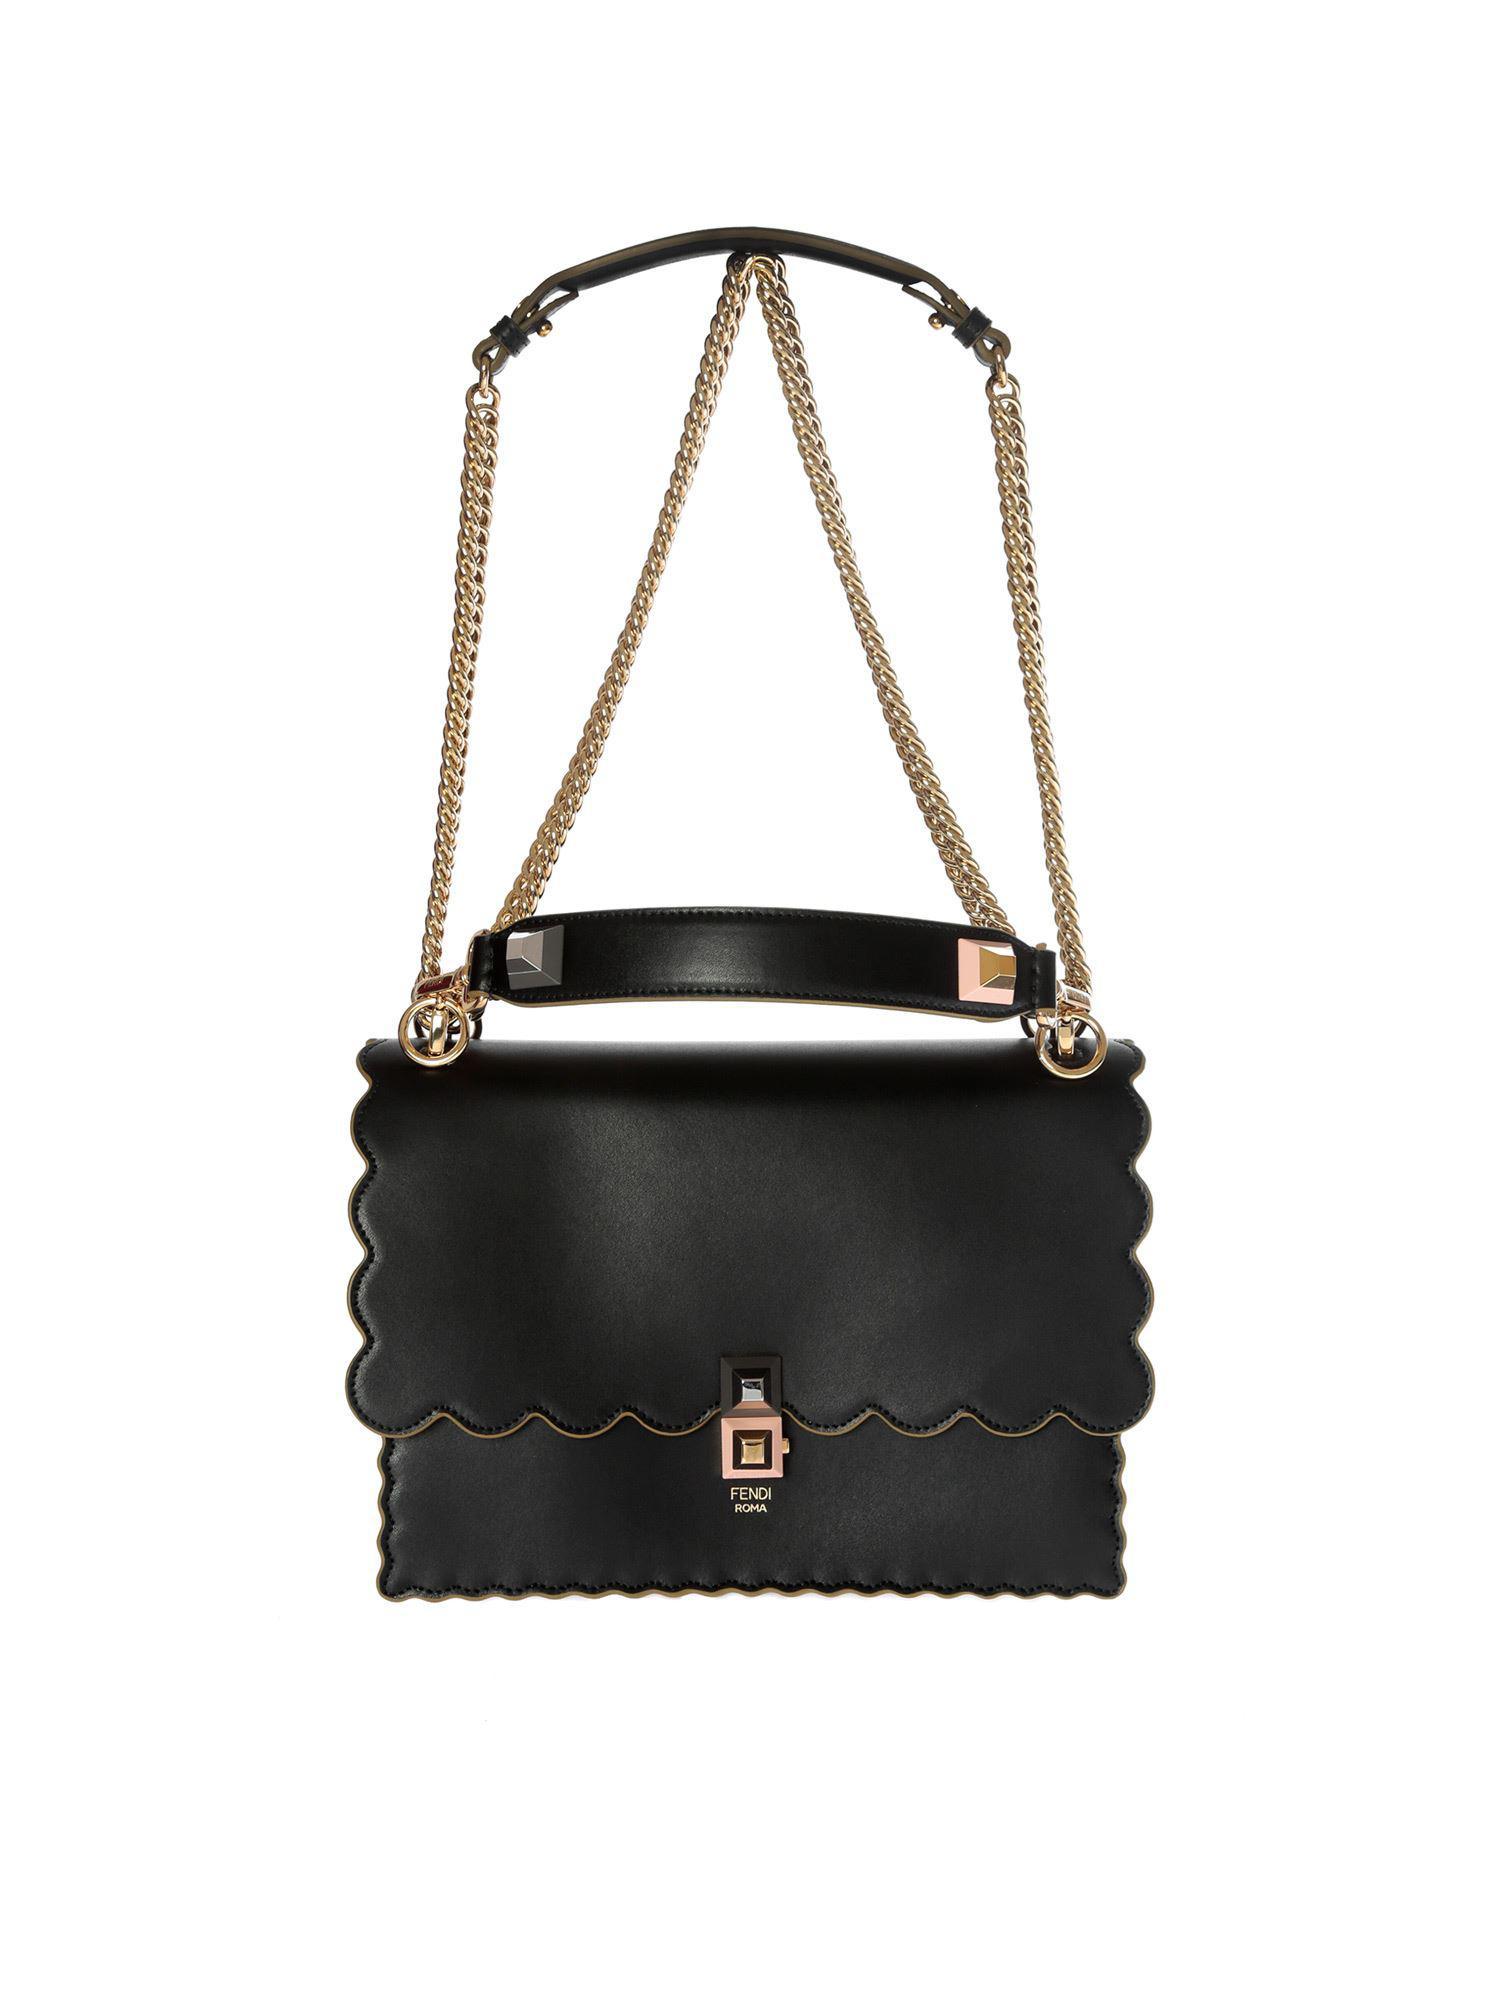 Lyst - Fendi Kan I Black Shoulder Bag in Black 0ad85f5cfdfcf